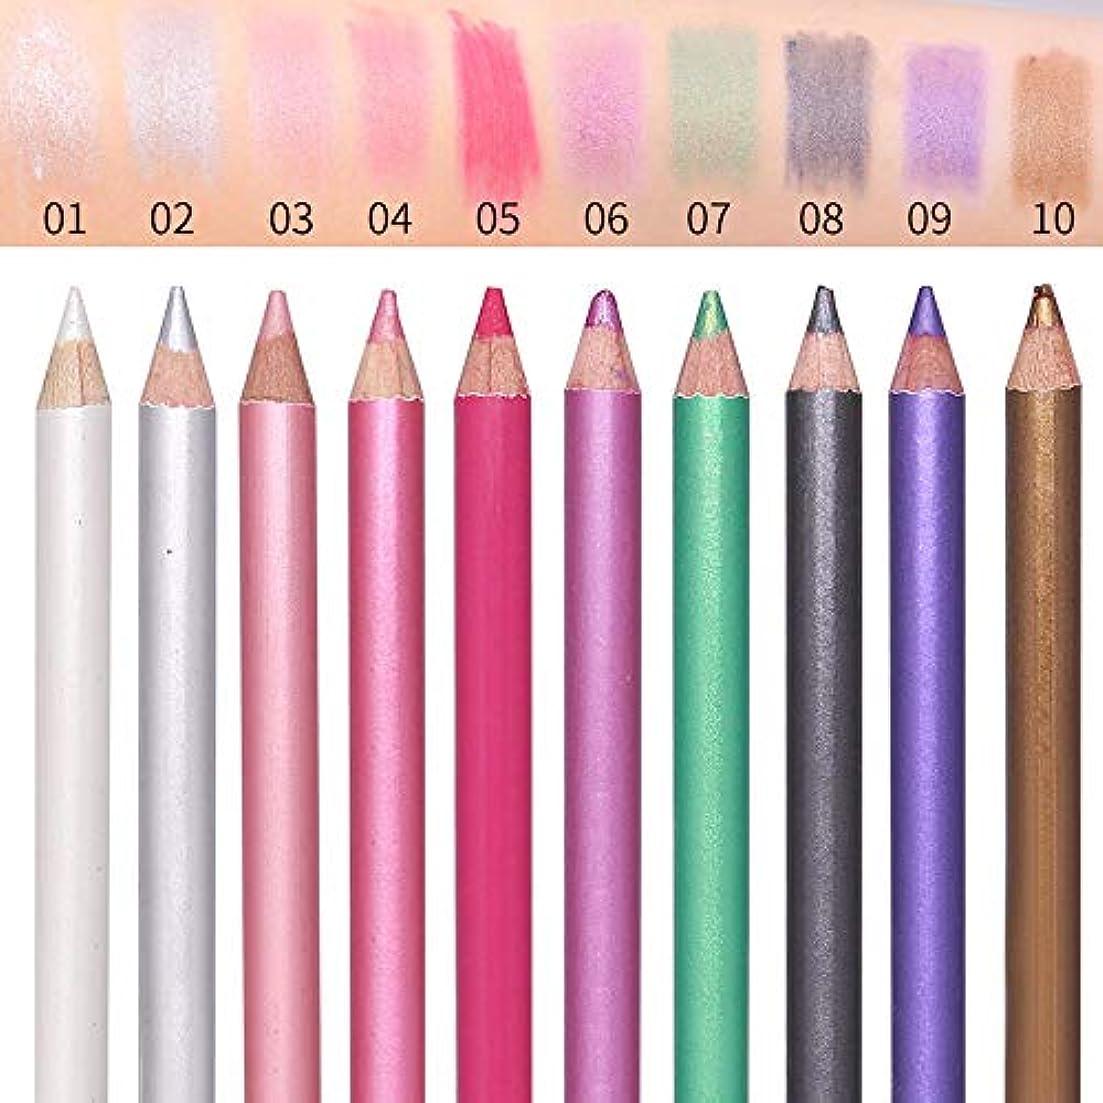 情熱的災難粉砕する1ピースフェイスアイシャドウペンシルハイライト輪郭ペンスティック防水長続き化粧10色シャドウペンシル付きブレンダー (3)